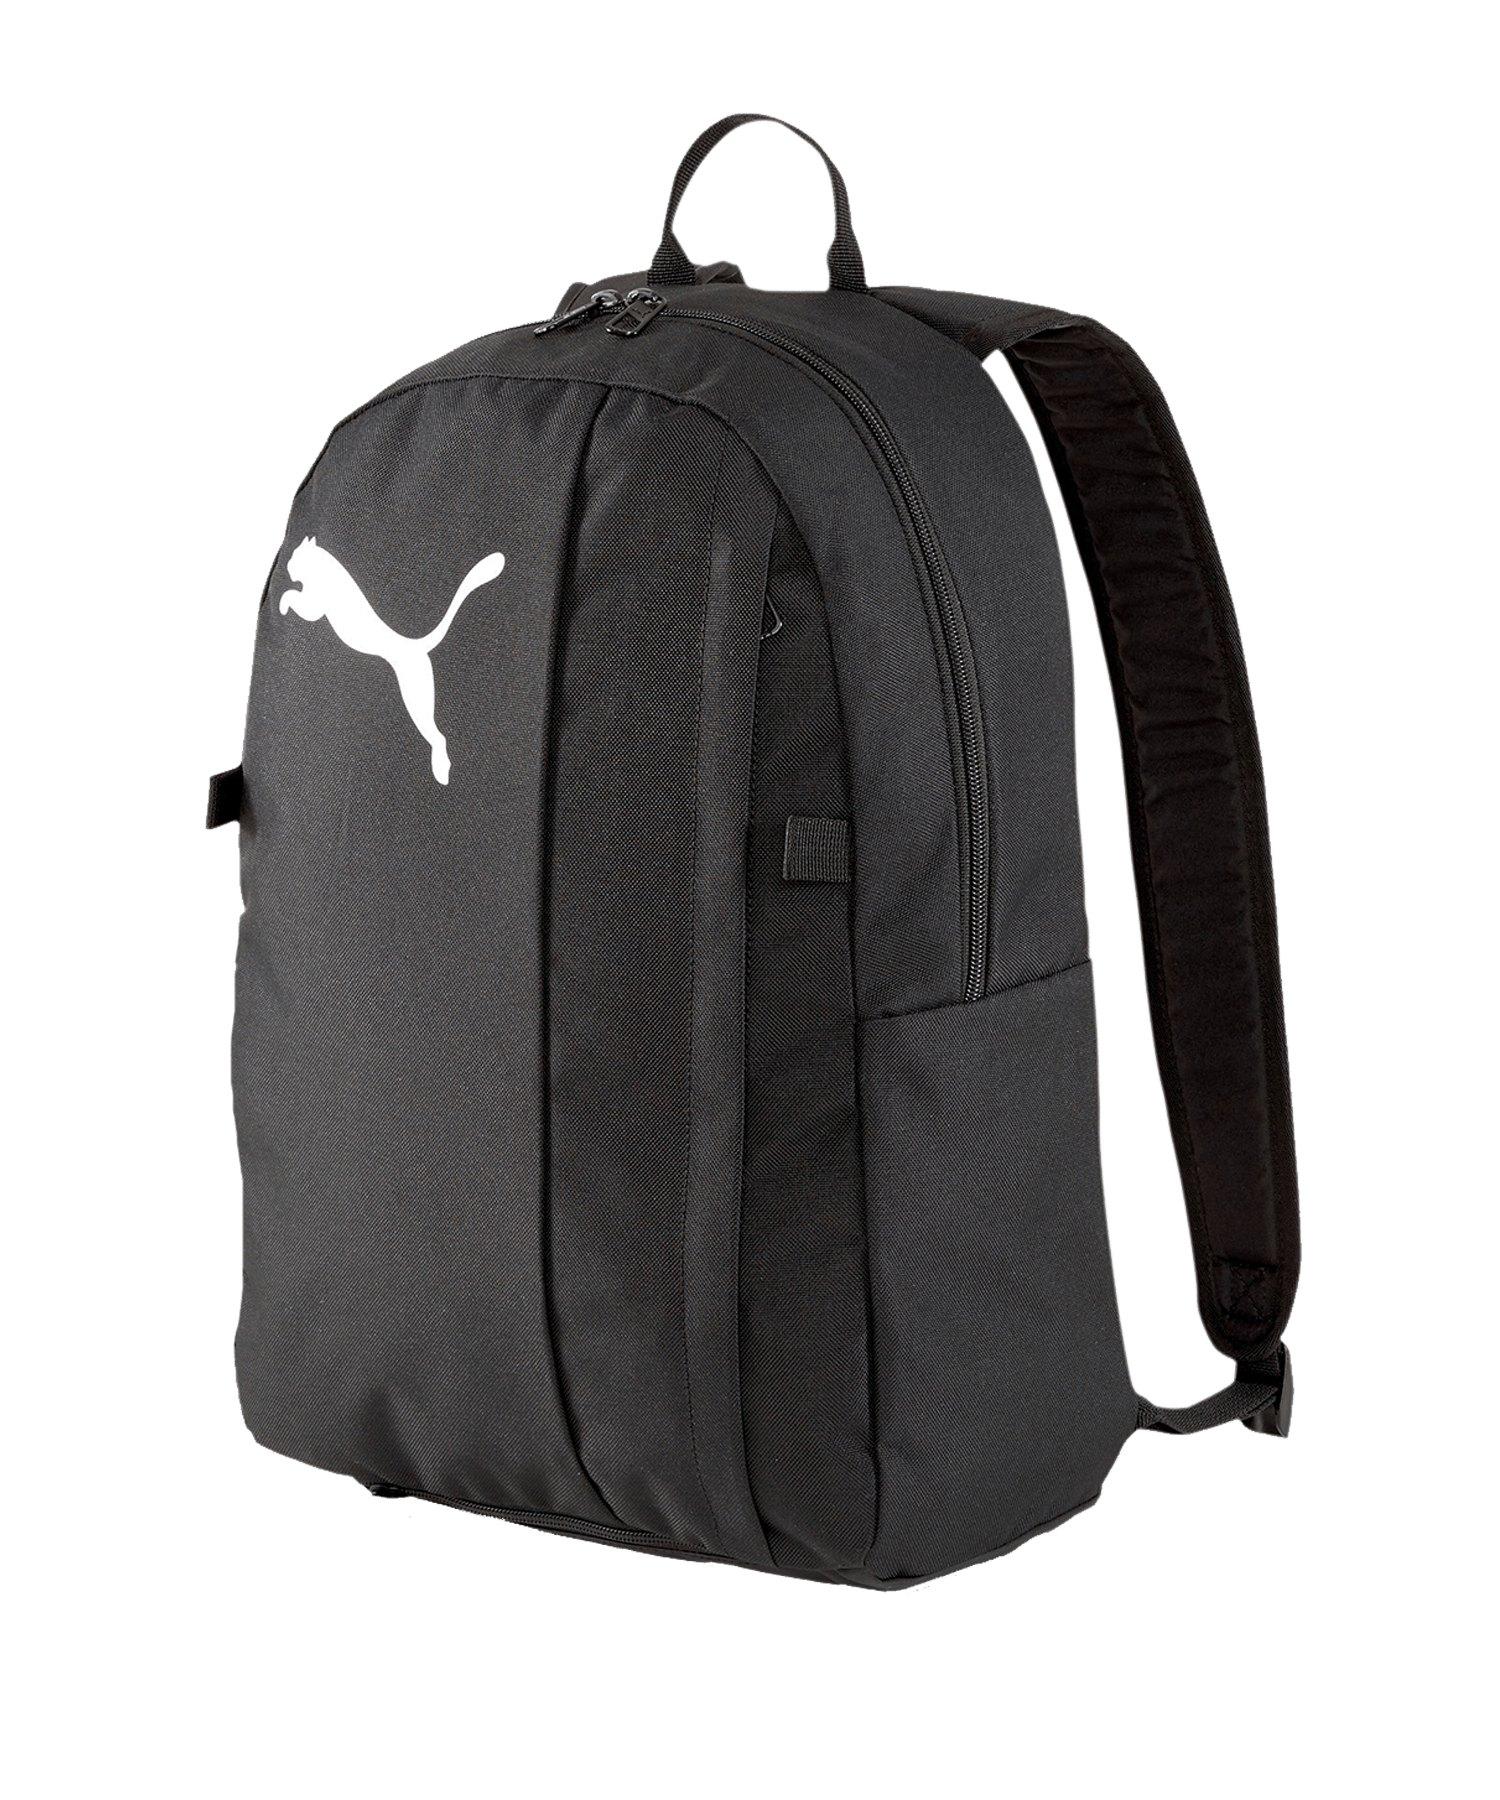 PUMA teamGOAL 23 Rucksack mit Ballnetz Schwarz F03 - schwarz